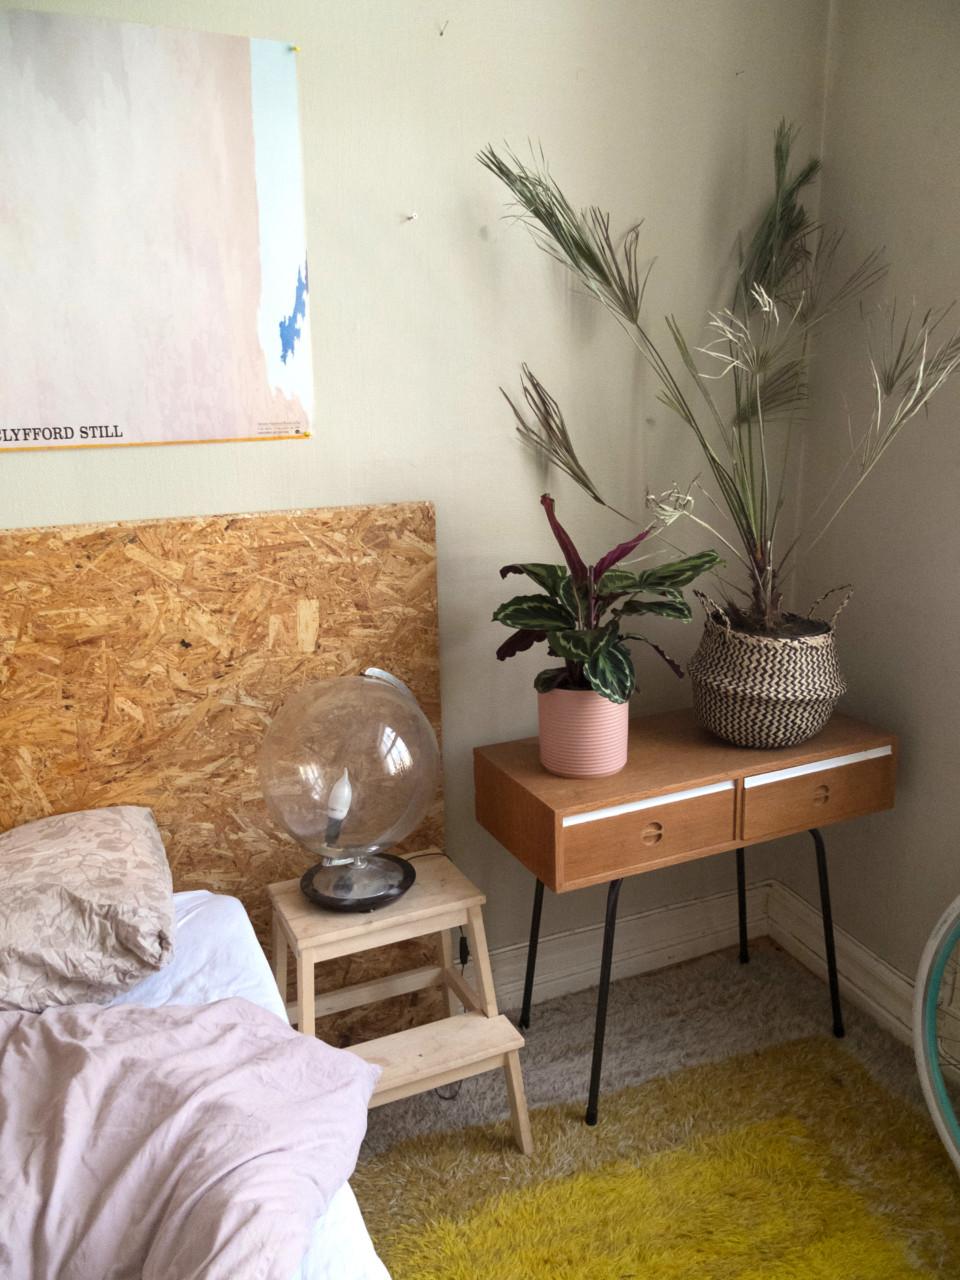 et-barekraftig-hjem-gjenbruk-maria-huseby-green-house